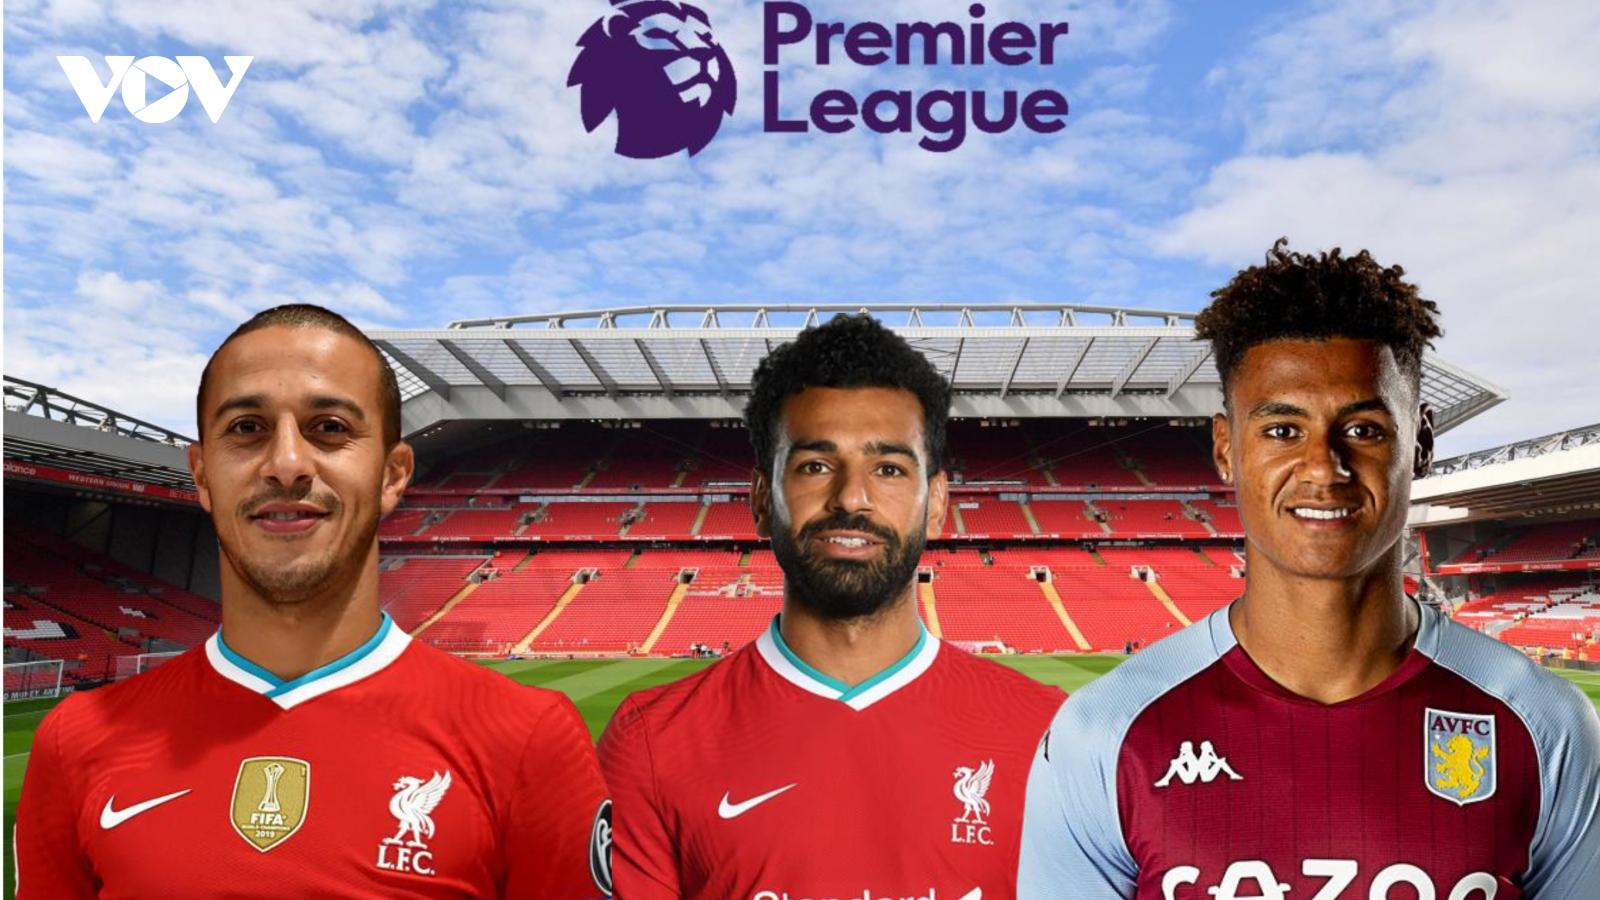 Dự đoán kết quả, đội hình xuất phát trận Liverpool - Aston Villa